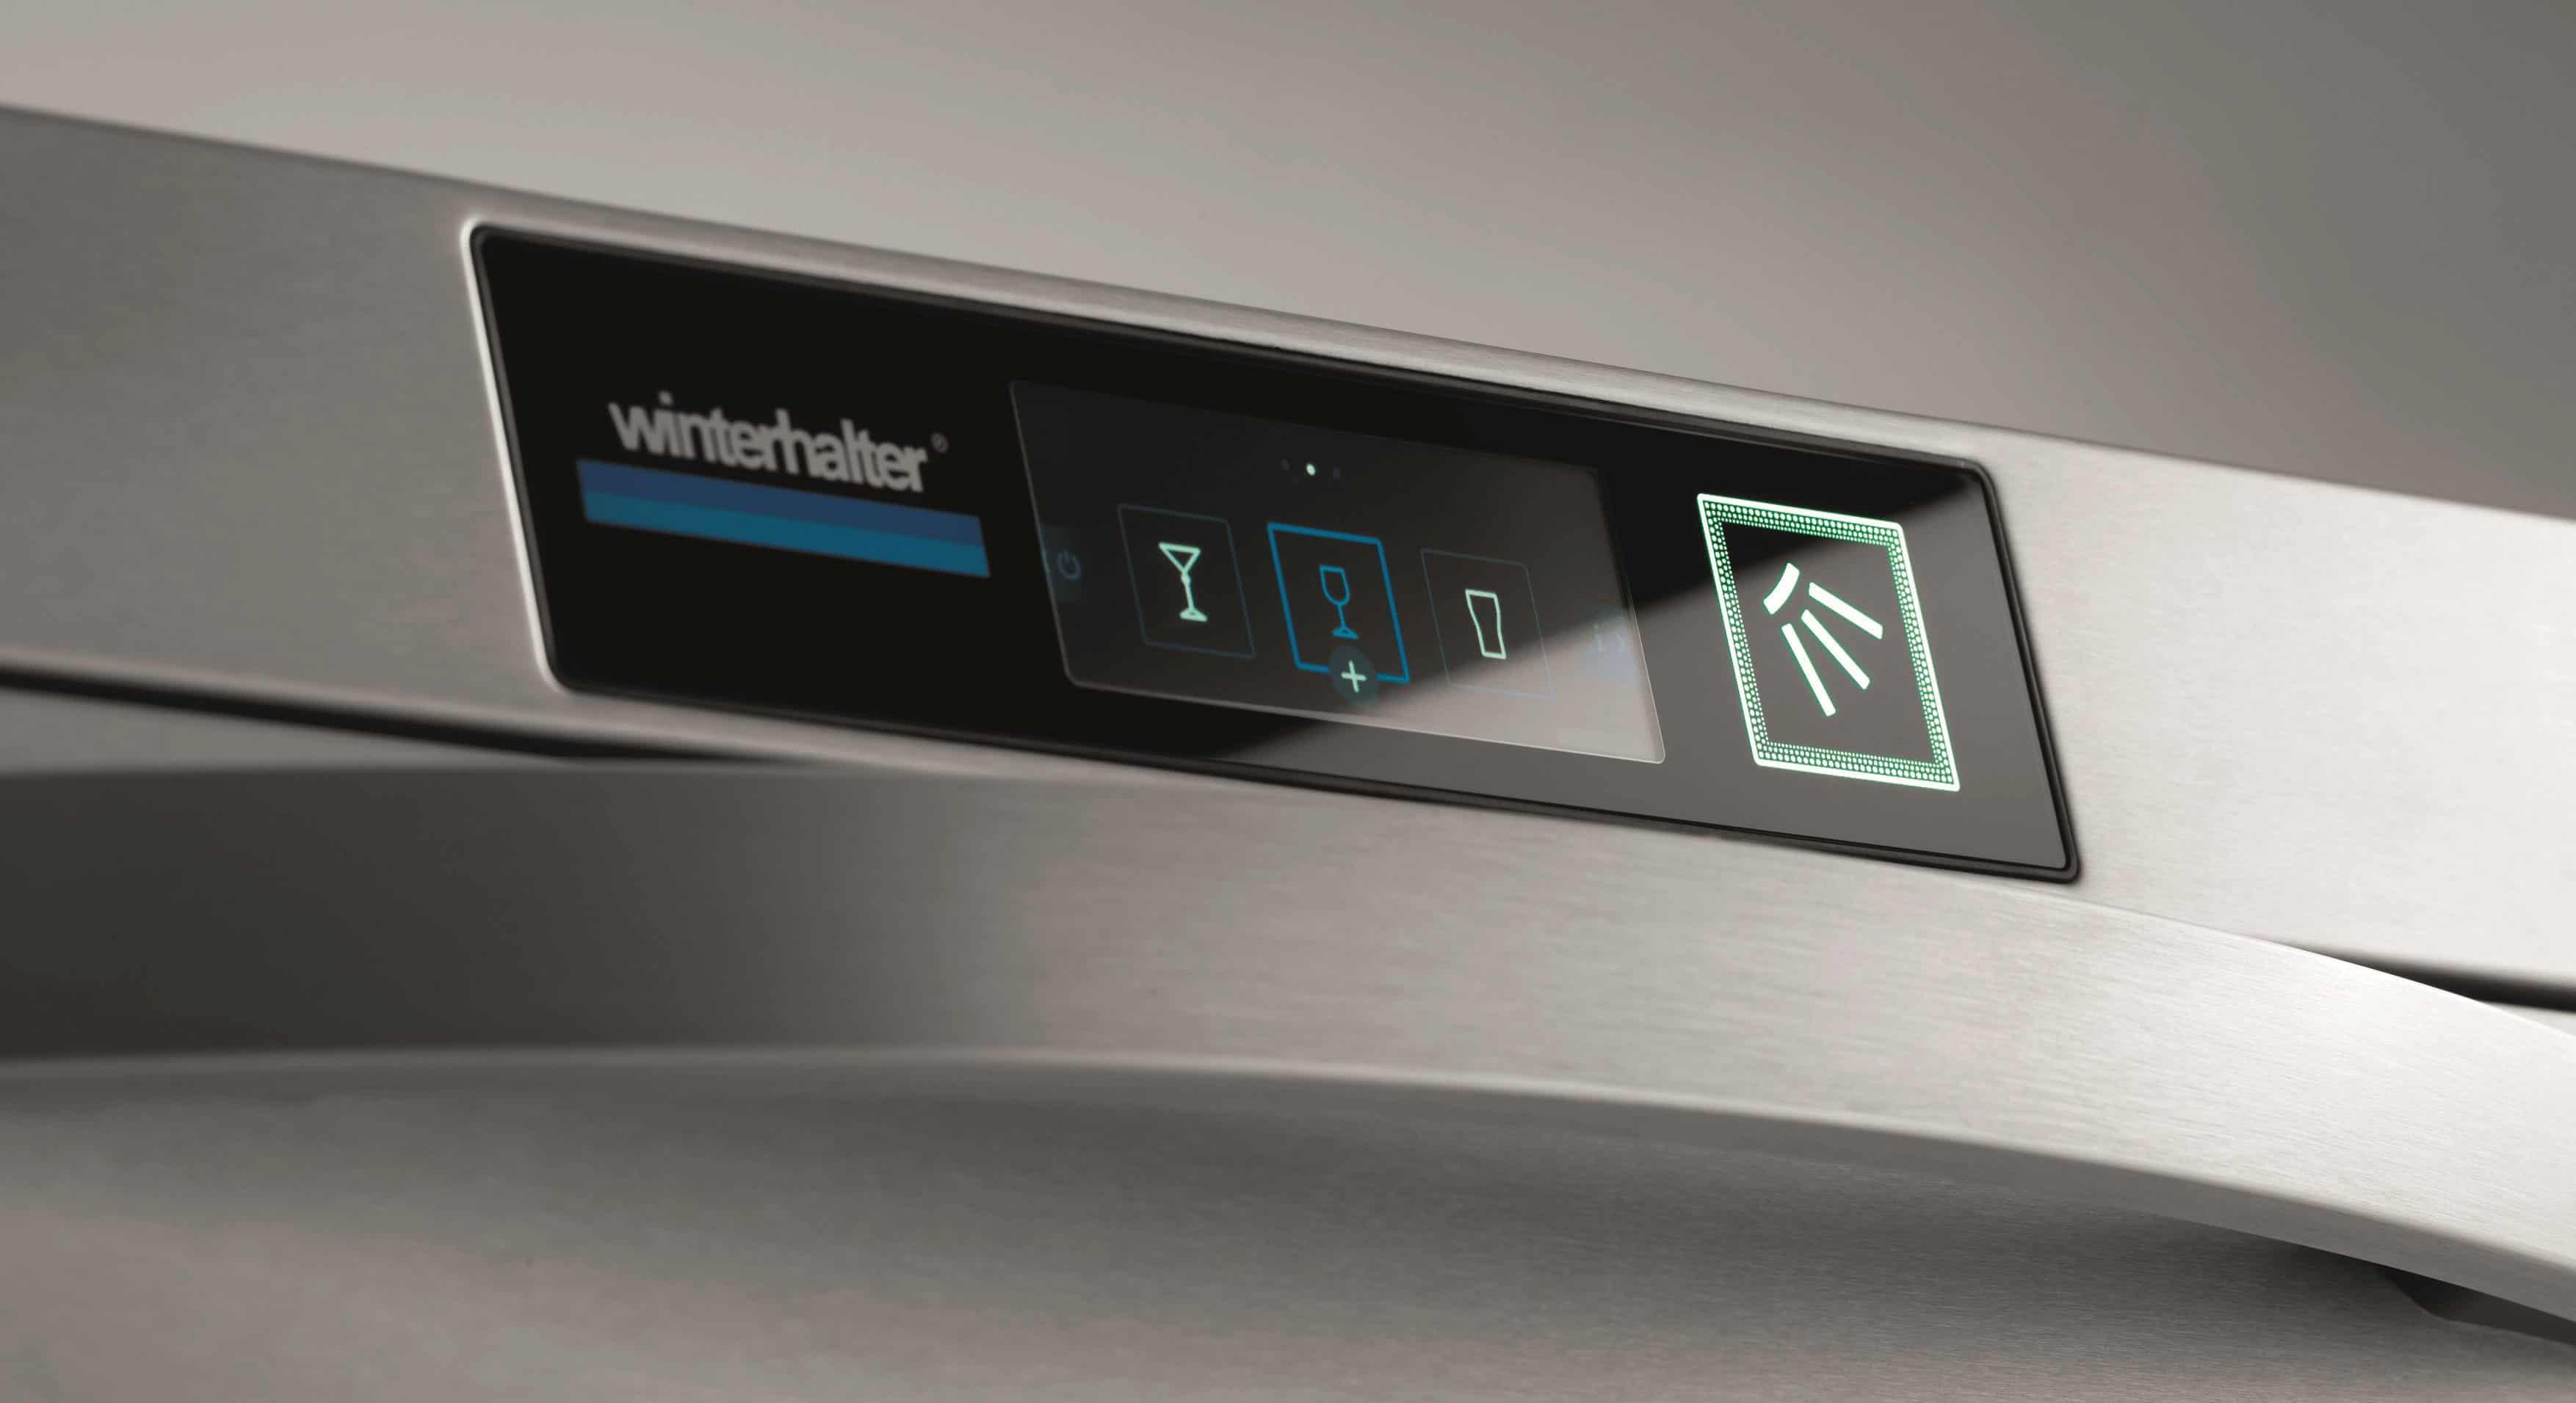 Das neue smarte Touch-Display mit robuster Glasoberfläche, die dem harten Einsatz in der Spülküche standhält. - Foto: Winterhalter Gastronom GmbH